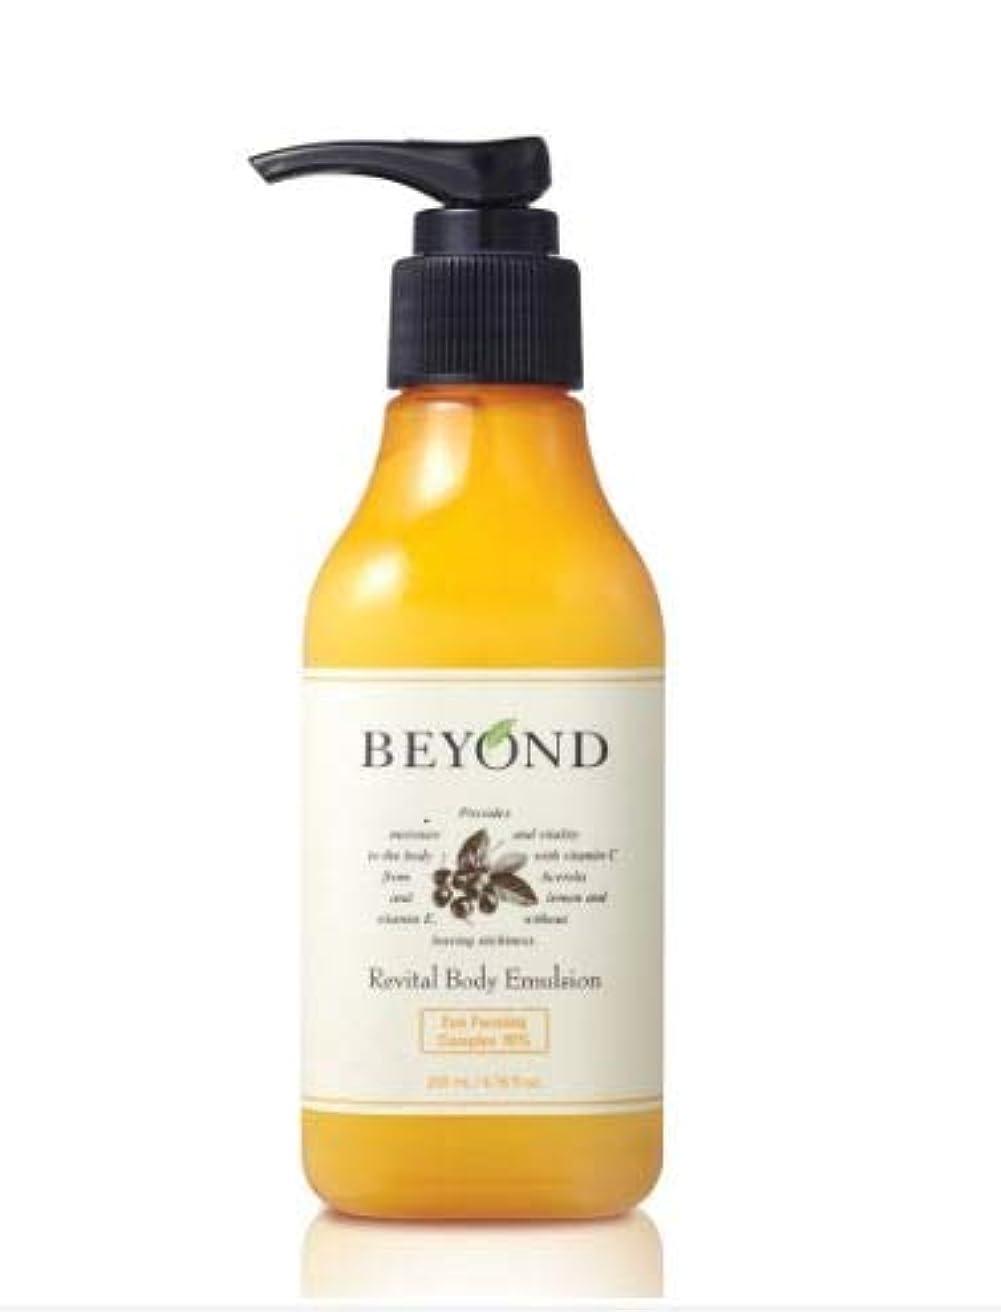 超高層ビル鉛筆商人[ビヨンド] BEYOND [リバイタル ボディ エマルション 200ml] Revital Body Emulsion 200ml [海外直送品]